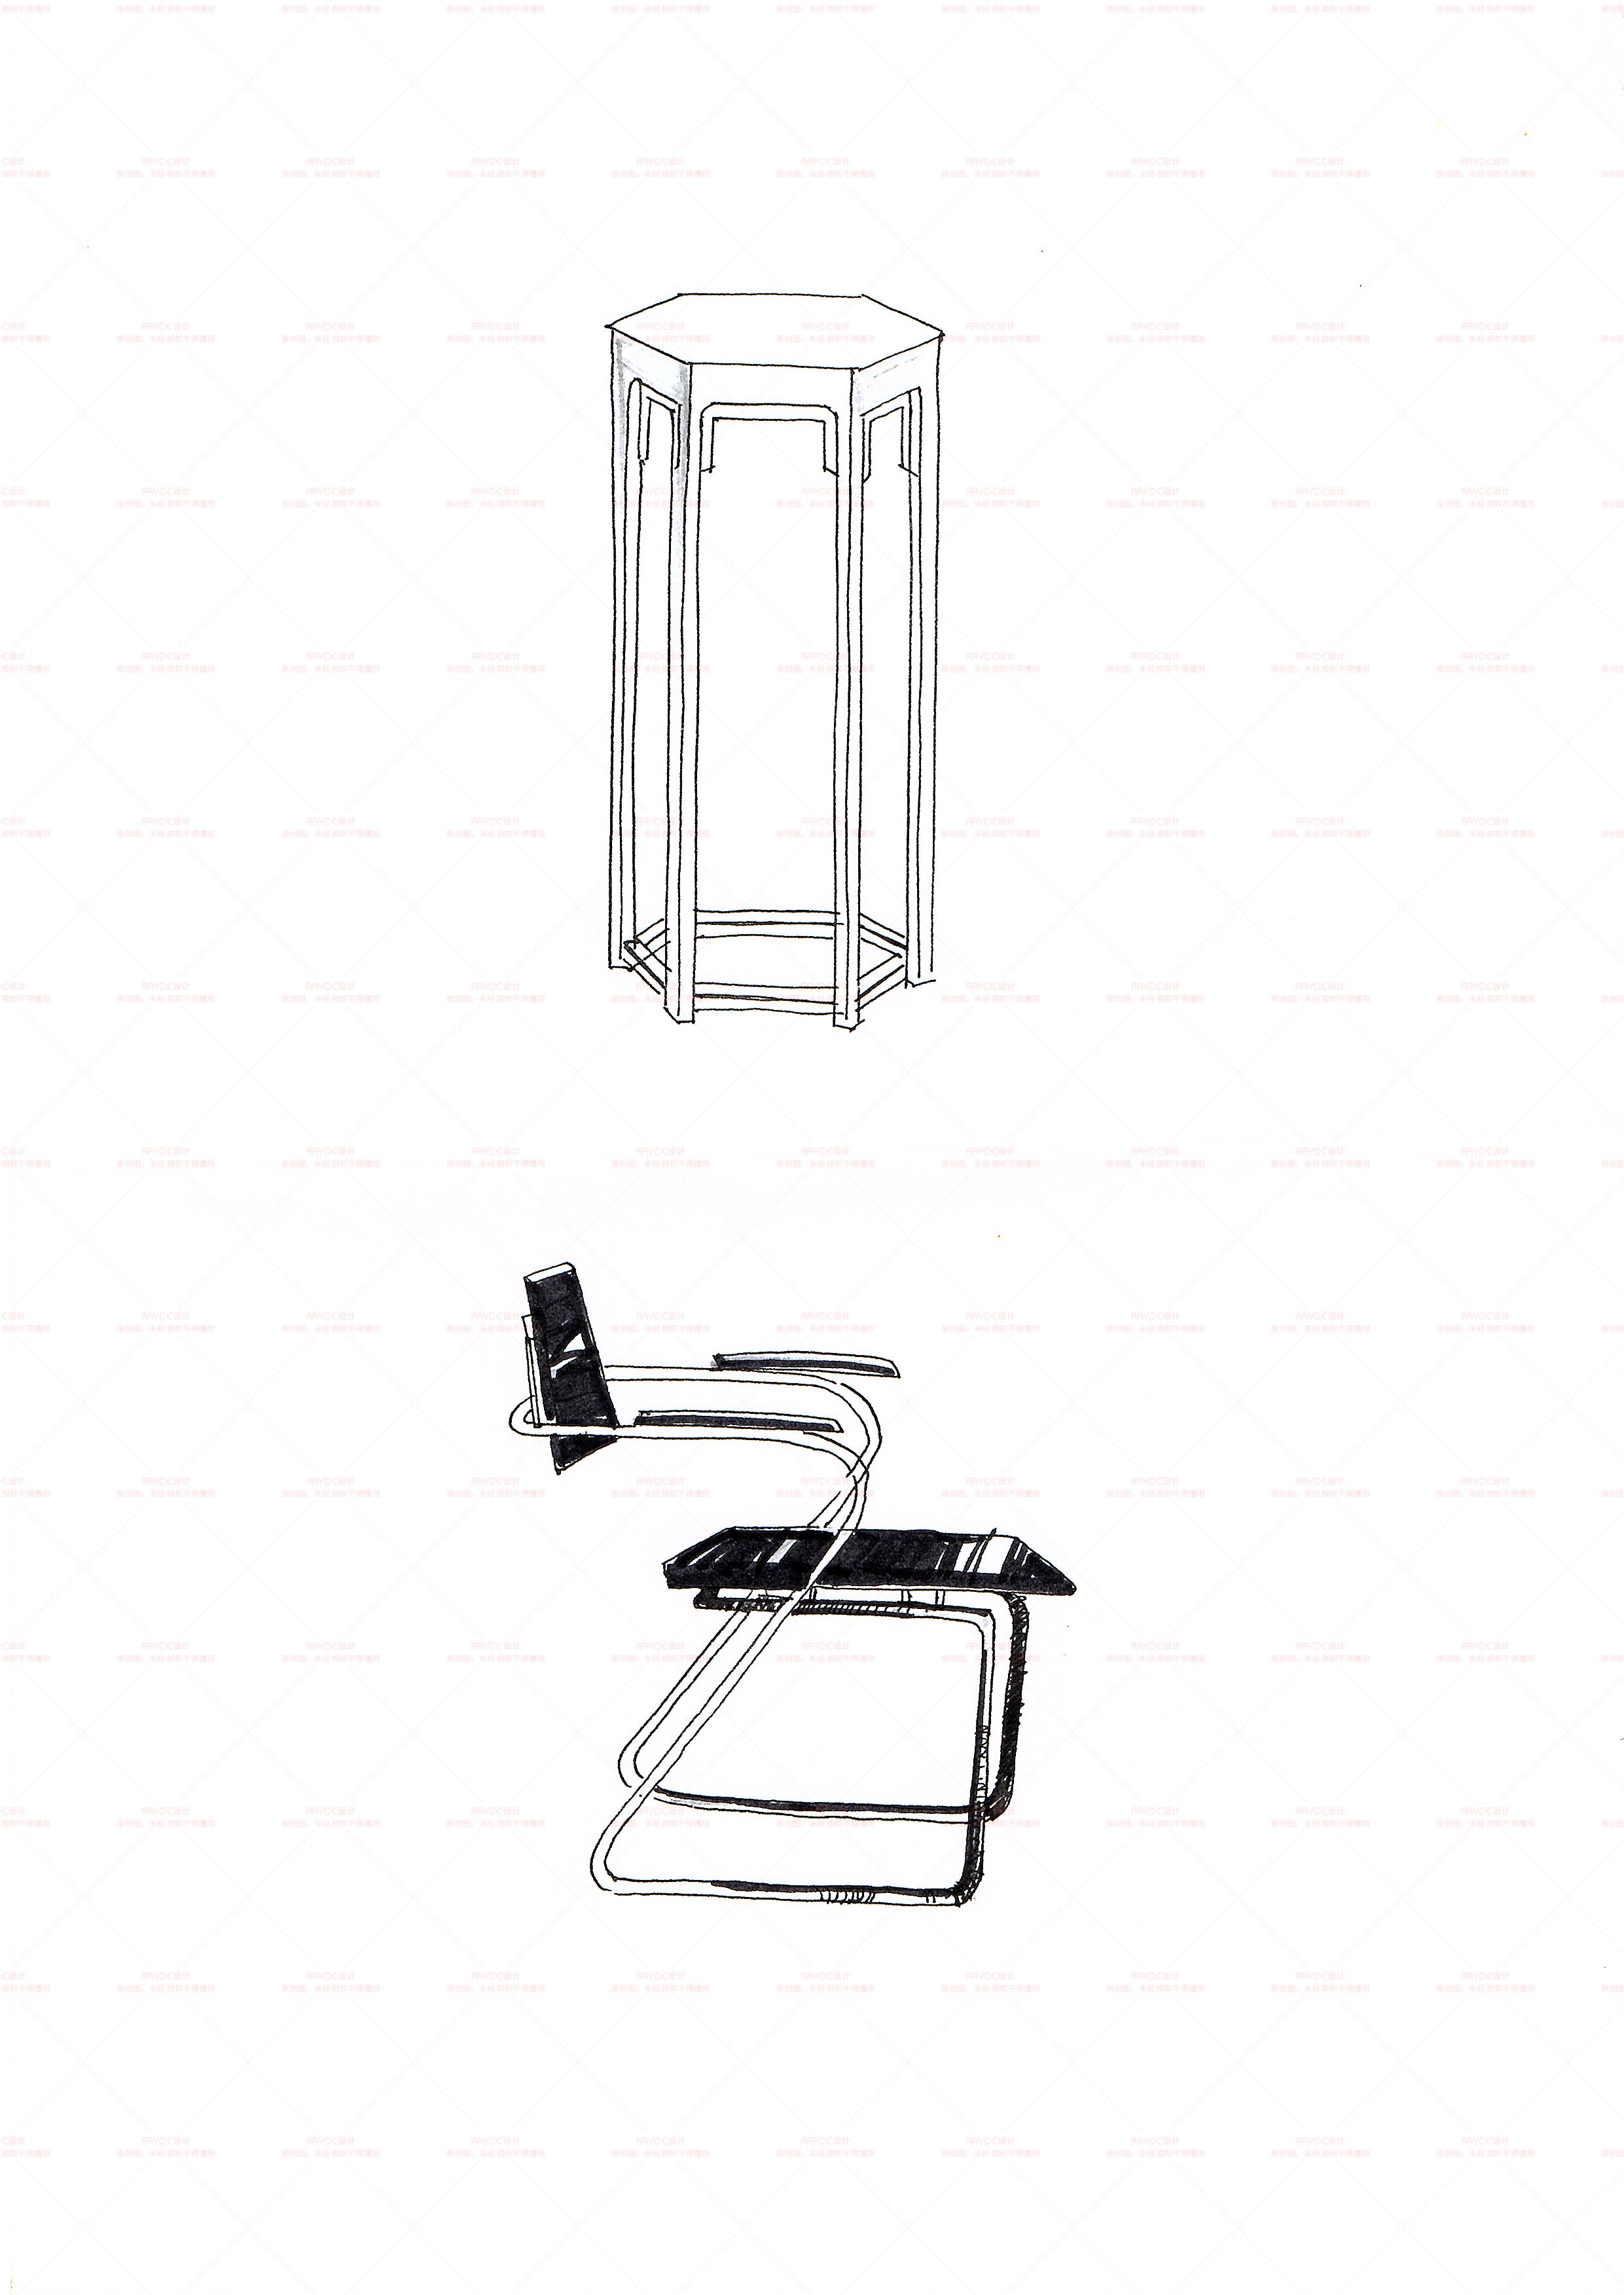 家具手绘|工业/产品|家具|pc巧克力 - 临摹作品